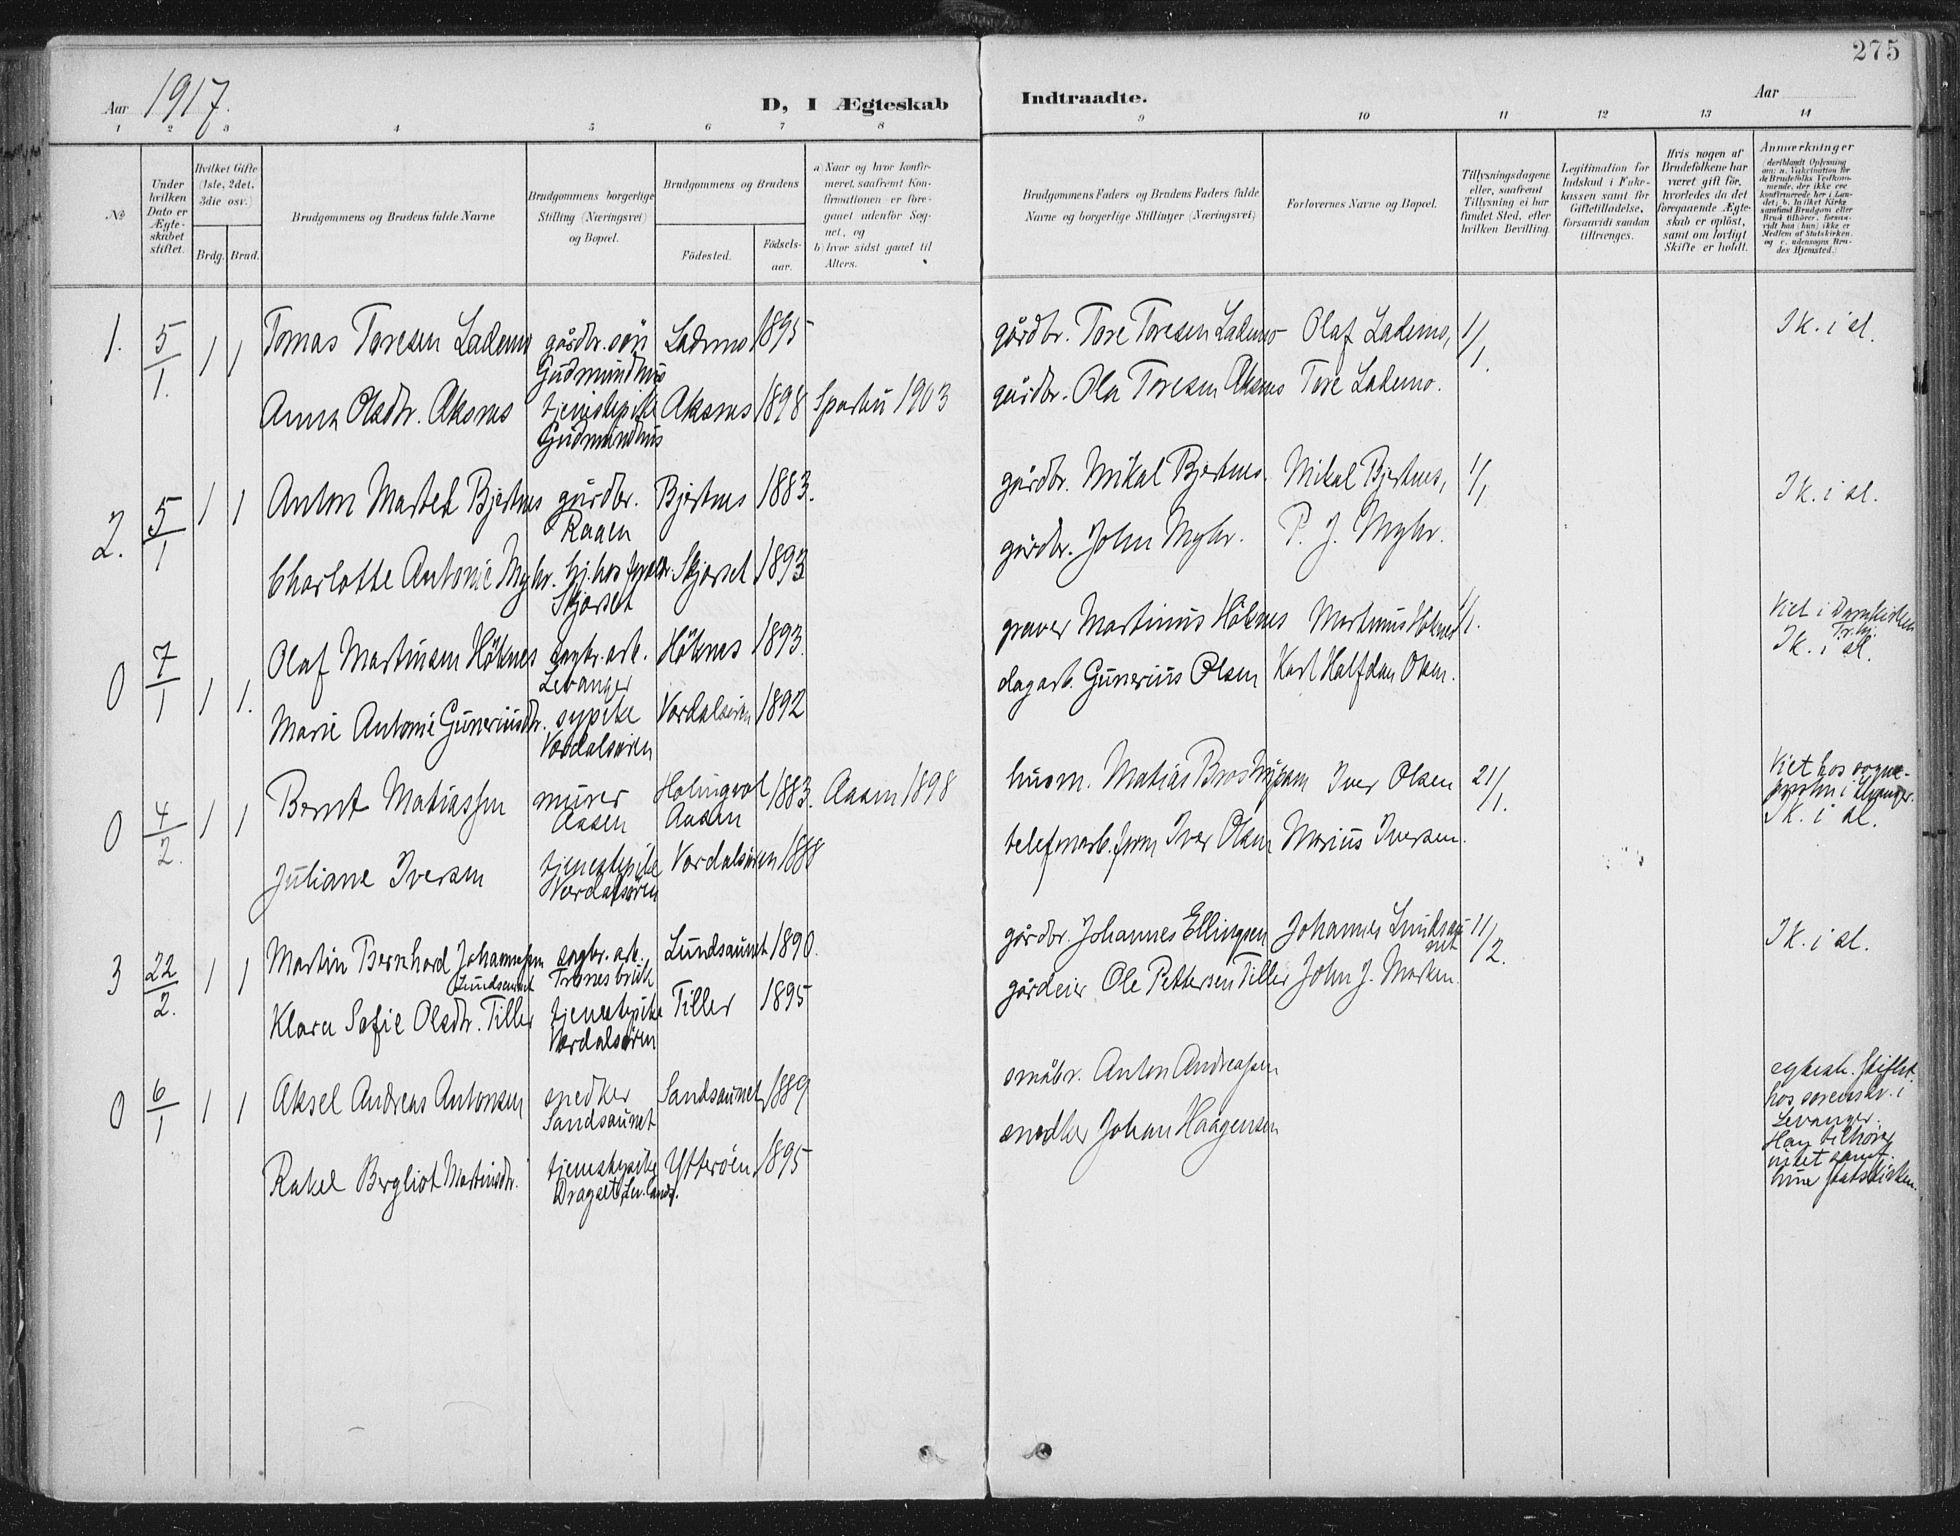 SAT, Ministerialprotokoller, klokkerbøker og fødselsregistre - Nord-Trøndelag, 723/L0246: Ministerialbok nr. 723A15, 1900-1917, s. 275